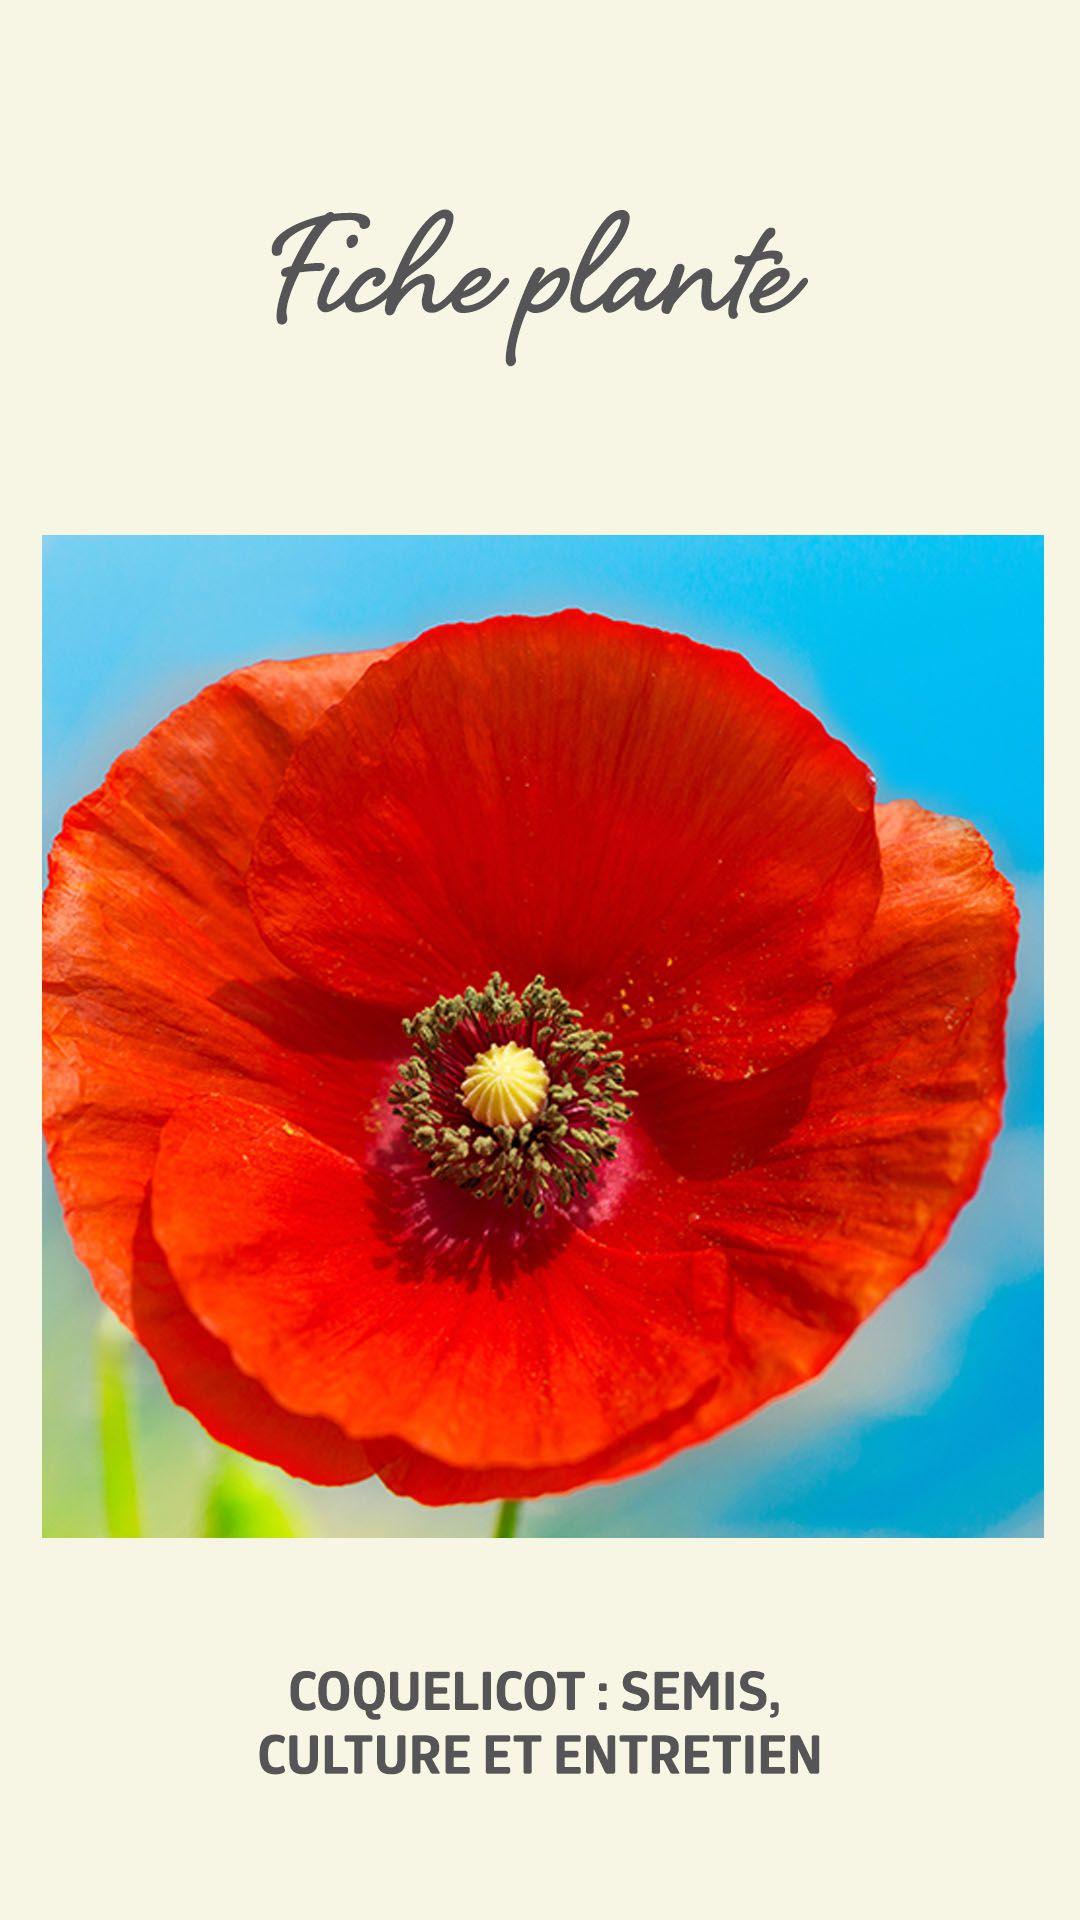 Planter Des Coquelicots Dans Son Jardin emblème du dynamisme de la nature, le coquelicot s'invite